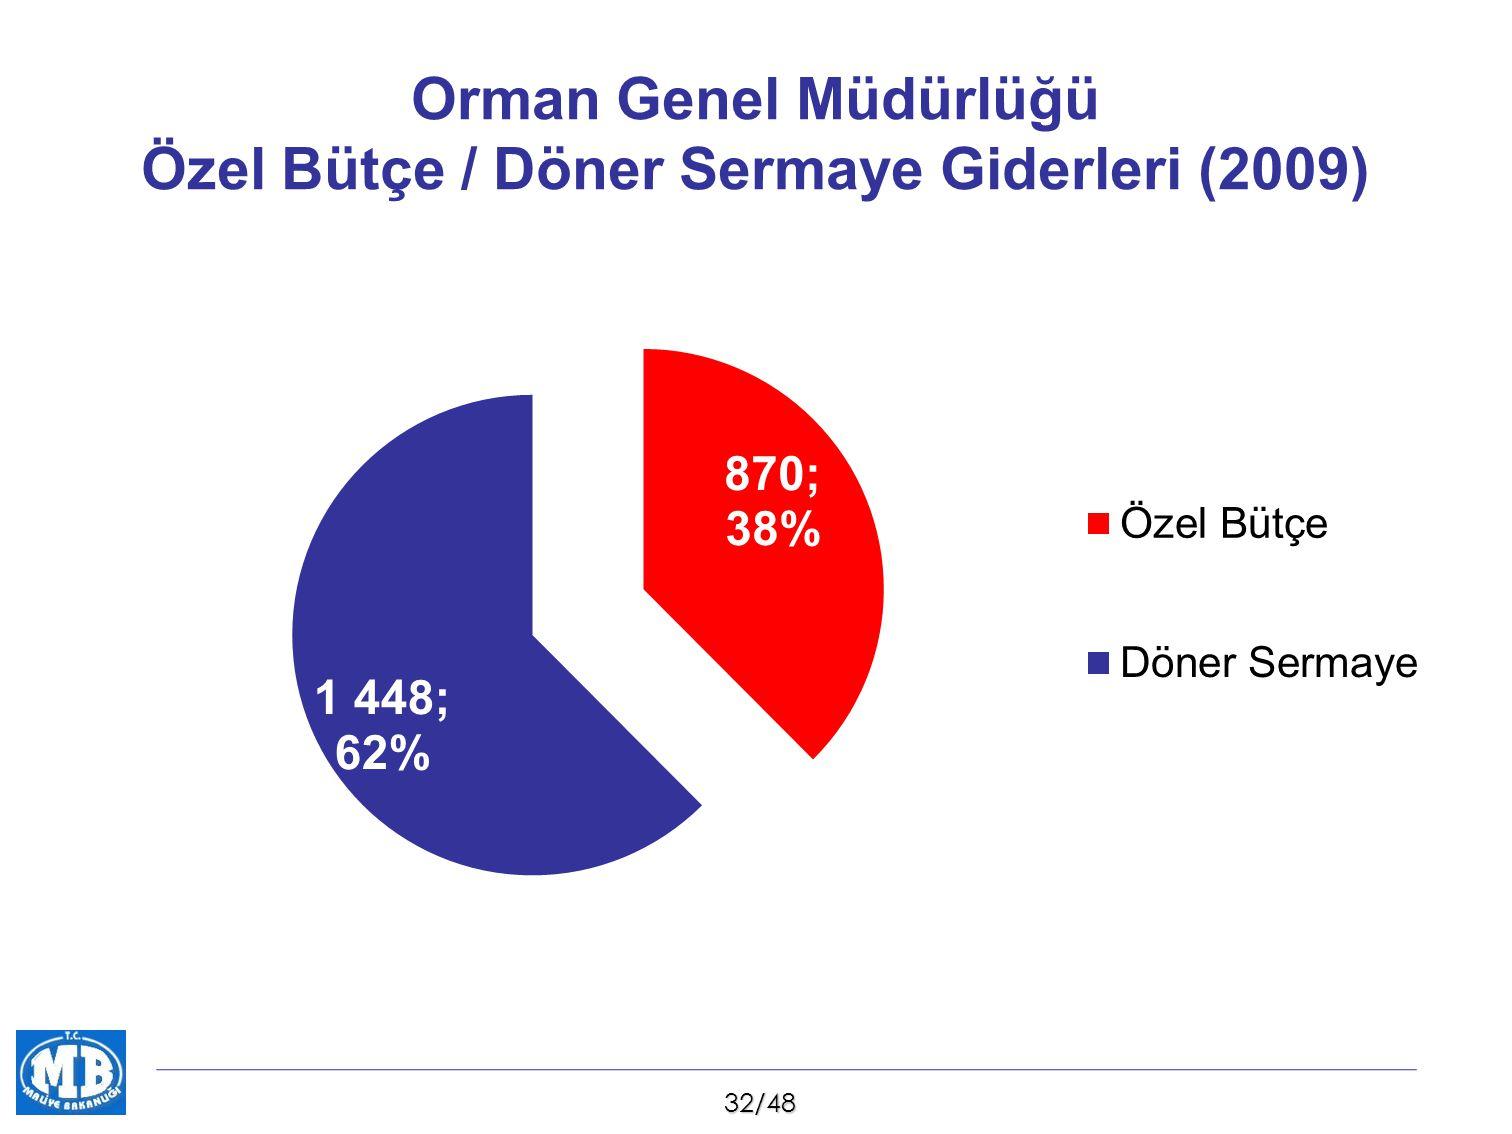 Orman Genel Müdürlüğü Özel Bütçe / Döner Sermaye Giderleri (2009)